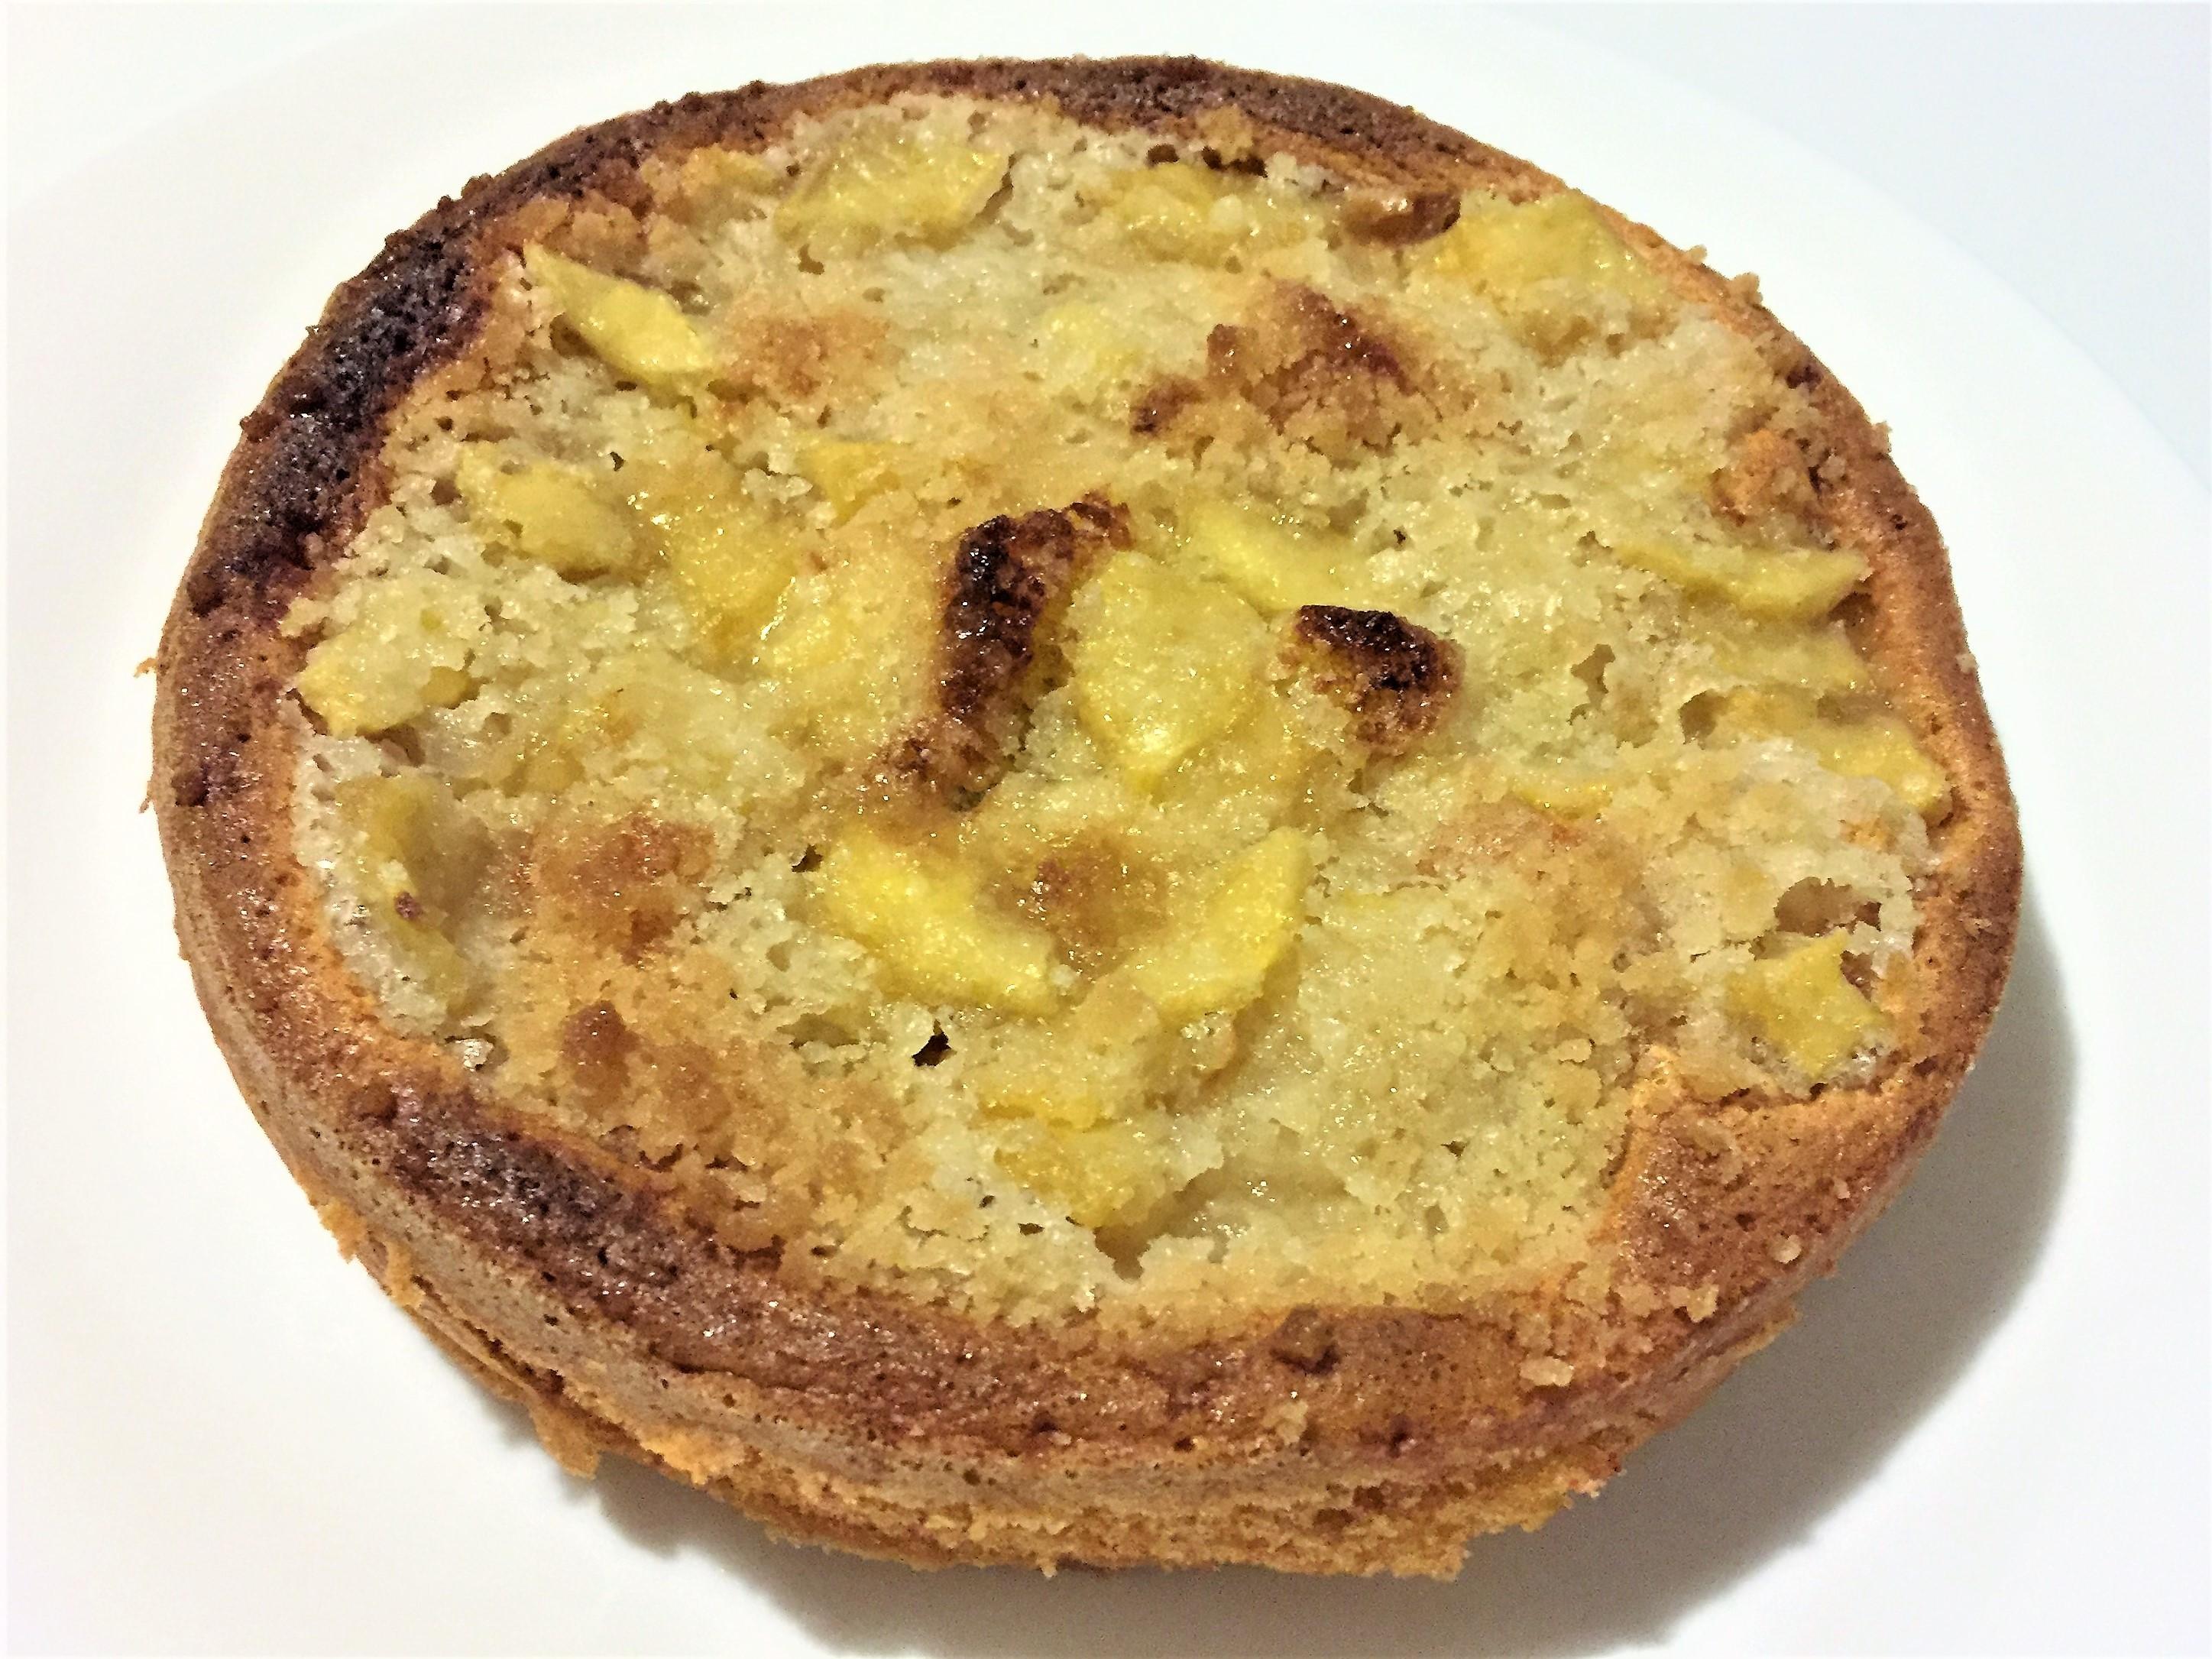 Torta di mele con crosta di zucchero